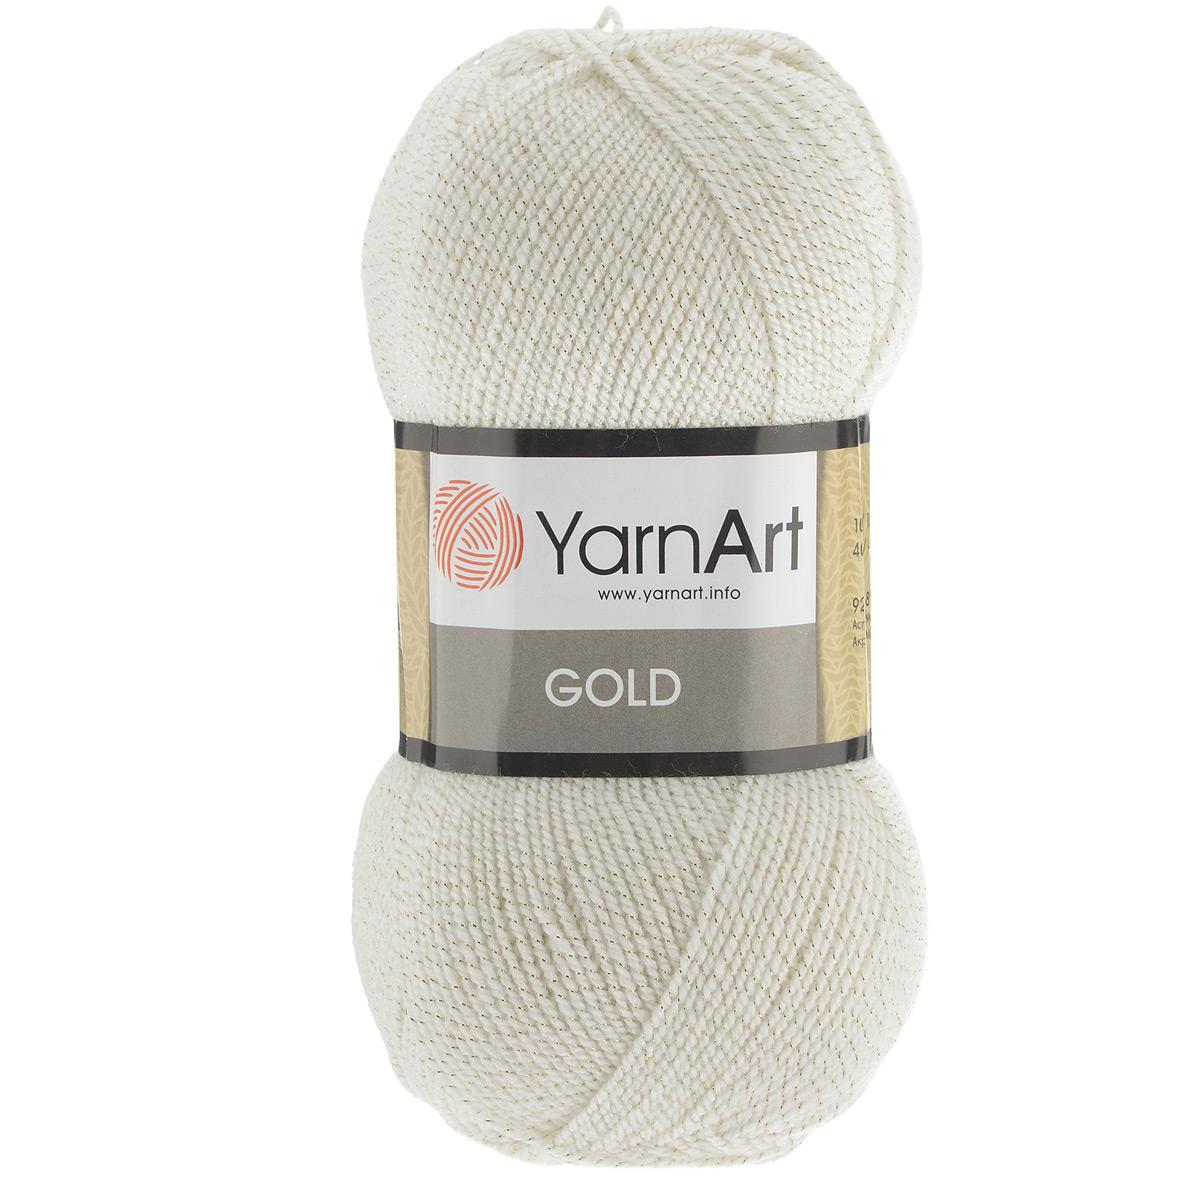 Пряжа для вязания YarnArt Gold, цвет: суровый (9000), 400 м, 100 г, 5 шт372007_9000Мерцающая нитка с люрексом для вязания эффектных вещей, тонкая, мягкая, нежная, приятная на ощупь. Пряжа окрашена равномерно с помощью стойких высококачественных красителей, нить плотно скручена, люрекс не выбивается в процессе вязания, петли ложатся равномерно. YarnArt Gold - декоративная пряжа с широкой цветовой палитрой, предназначенная для демисезонной одежды. Акрил защищает готовое изделие от закошлачивания, деформации после стирки и сушки. Нить гибкая и эластичная, хорошо тянется, превосходно сохраняет форму после носки. Изысканная пряжа для создания вечерних нарядов выглядит дорого и стильно. Кроме традиционного золотистого и серебристого, люрекс предлагается в тон нити - синий, зеленый, бежевый и т.д. Таким образом, блеск получается ненавязчивым, гармоничным, приятным глазу. YarnArt Gold выглядит красиво в болеро, свитерах, палантинах, шалях, шапках, шарфах, перчатках, гетрах, а также нарядных детских платьях, кофтах. Рекомендуется для вязания на спицах 2,75...